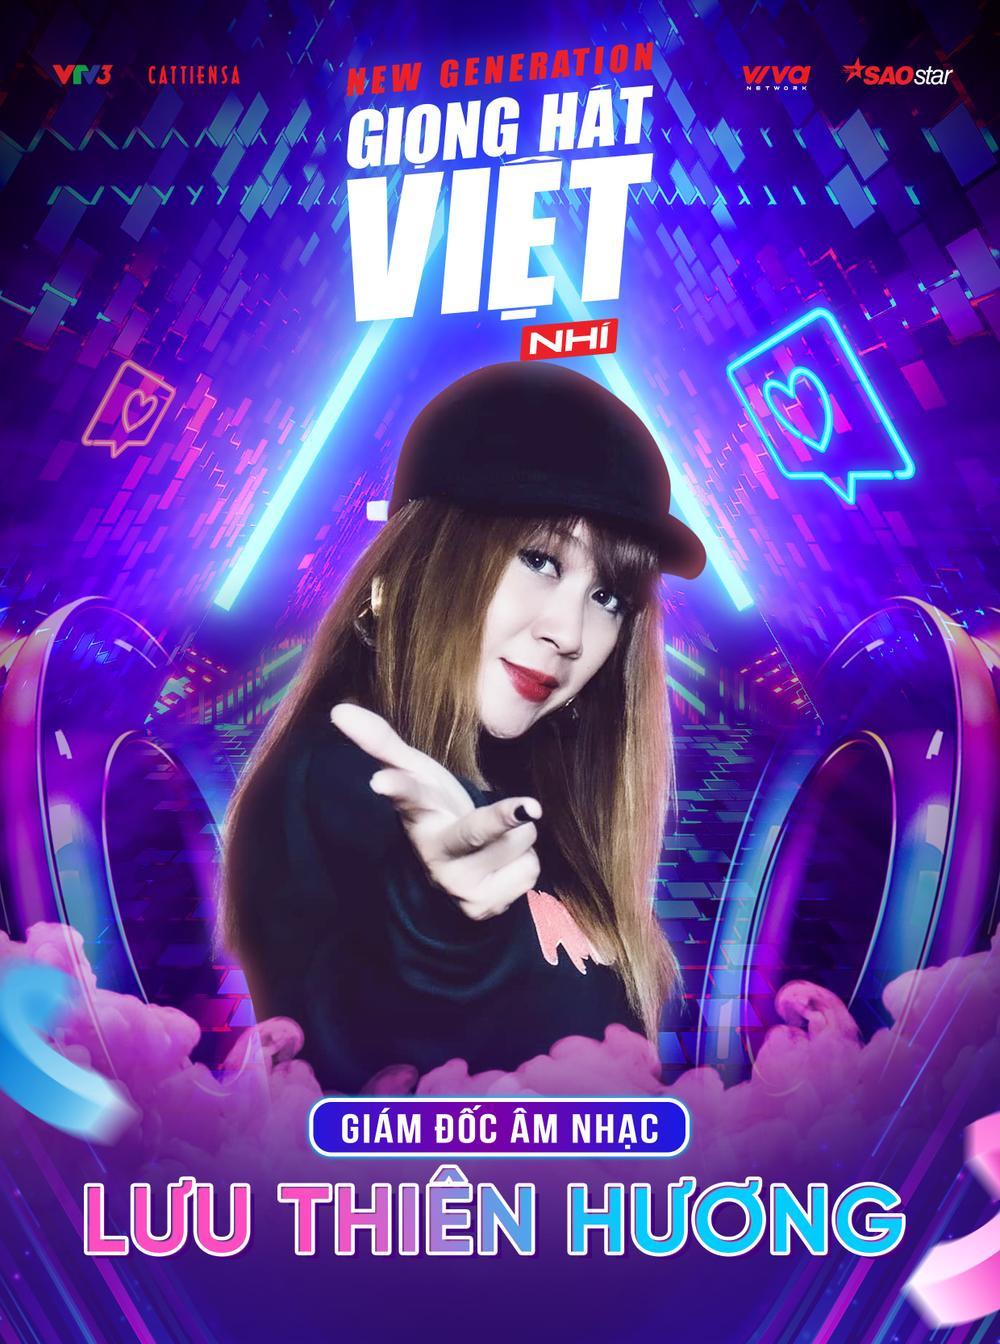 Giọng hát Việt nhí 2021 phiên bản mới công bố 6 mentor: Quá nhiều ngạc nhiên, điều gì đang xảy ra? Ảnh 1